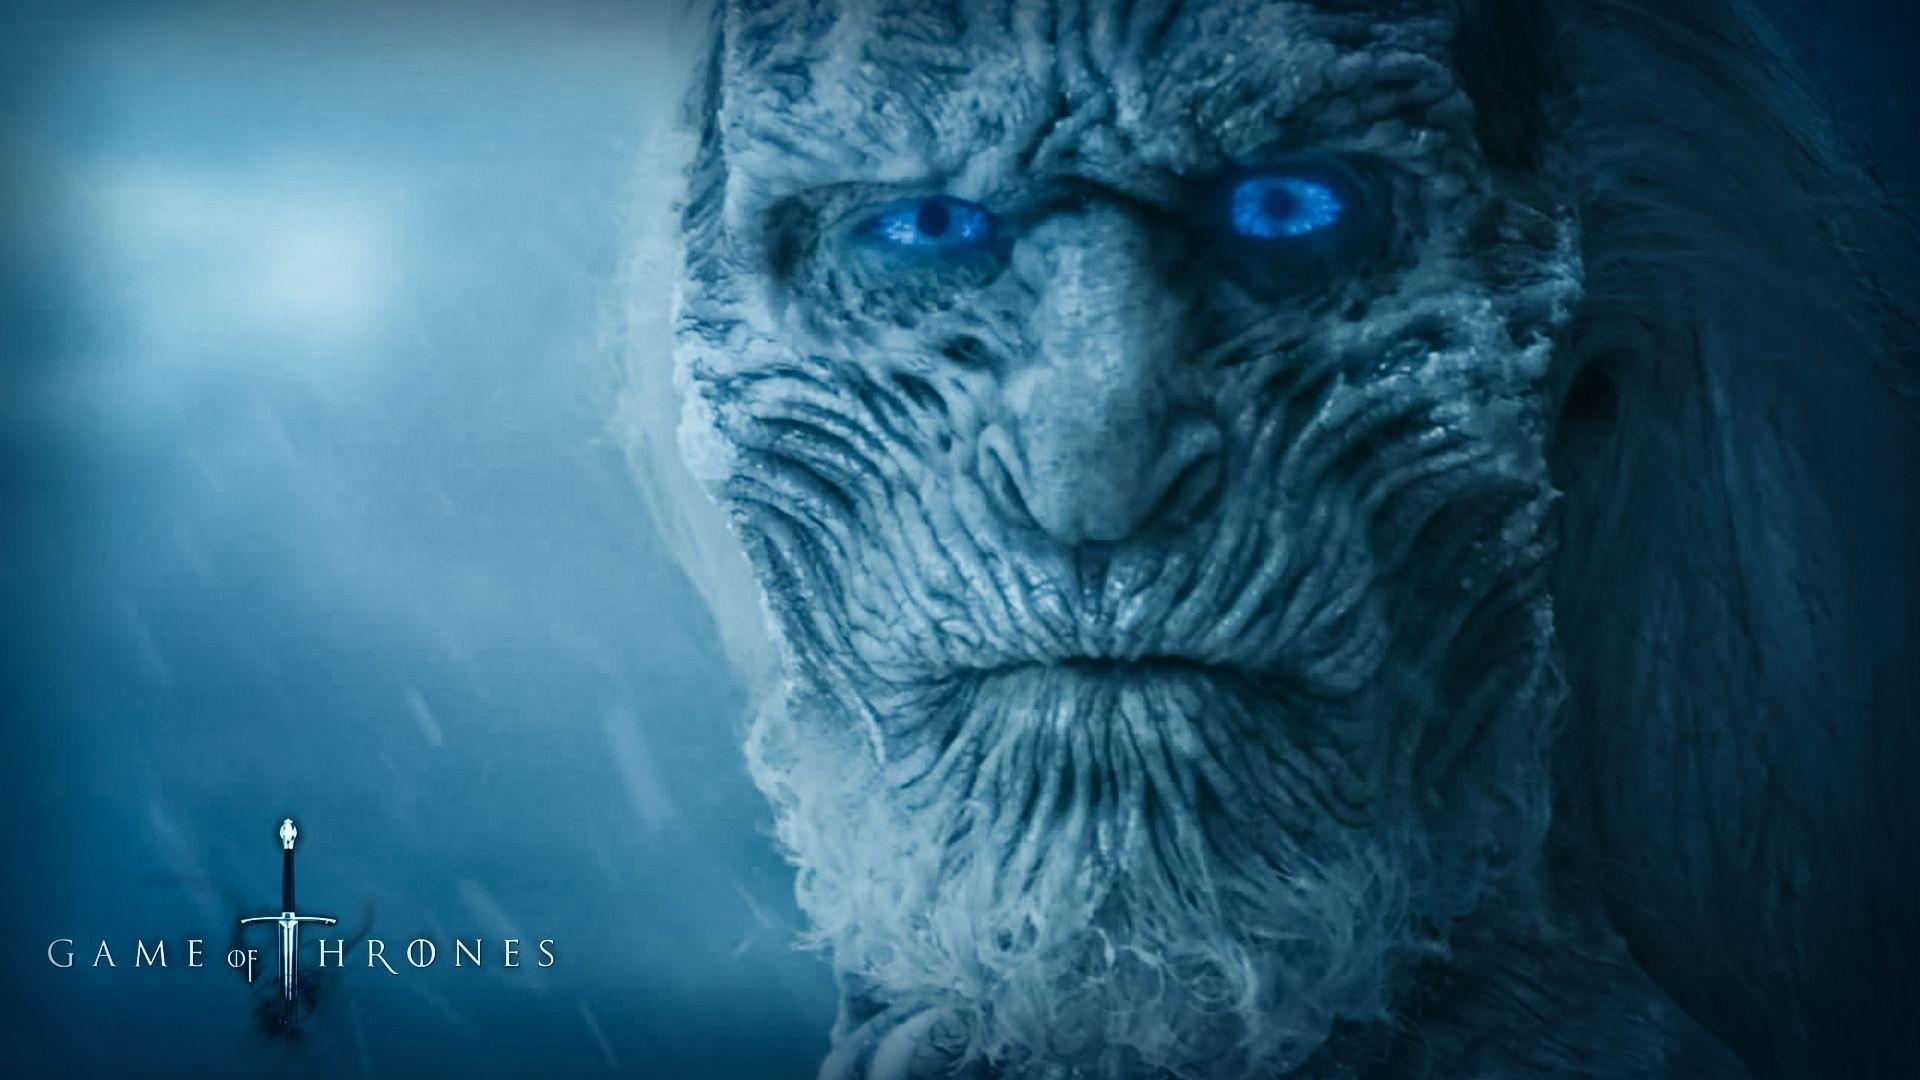 Top 40 Game Of Thrones Wallpaper| Winter Is Coming Wallpaper .